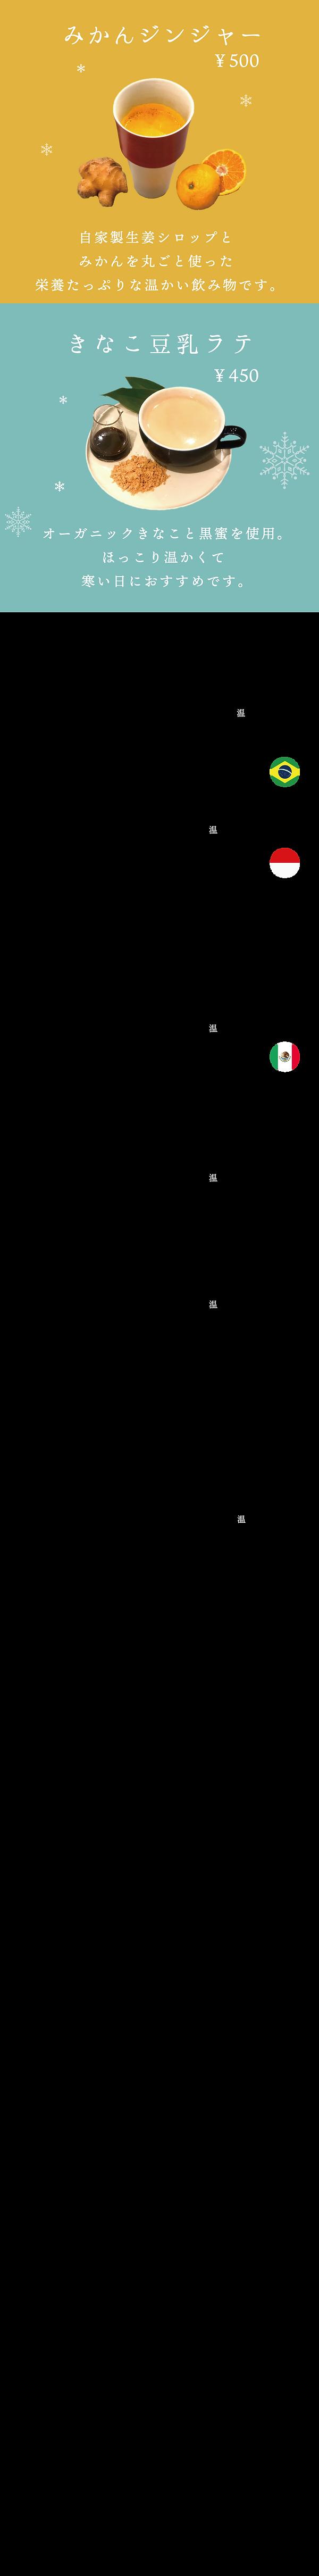 utakata-web-1221.png